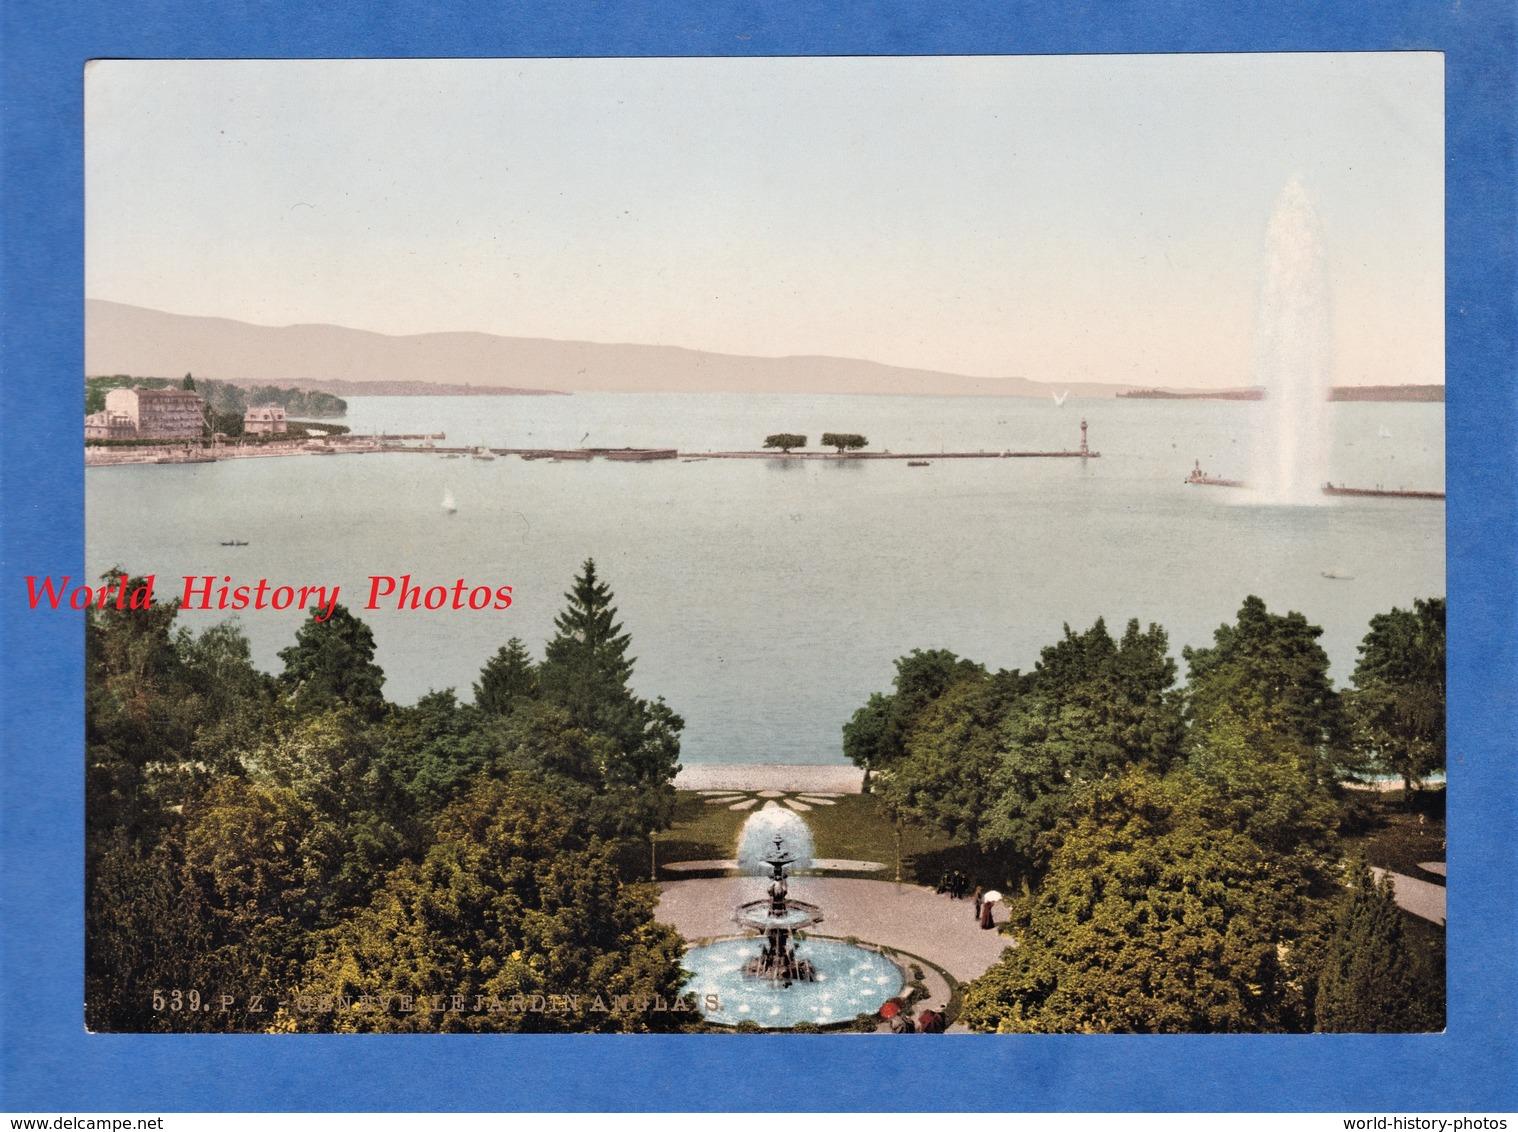 Photo Ancienne Photochrome - N° 539 P.Z. - GENEVE - Le Jardin Anglais- RARE - Lac Léman - Photochrom Zurich Suisse - Photos